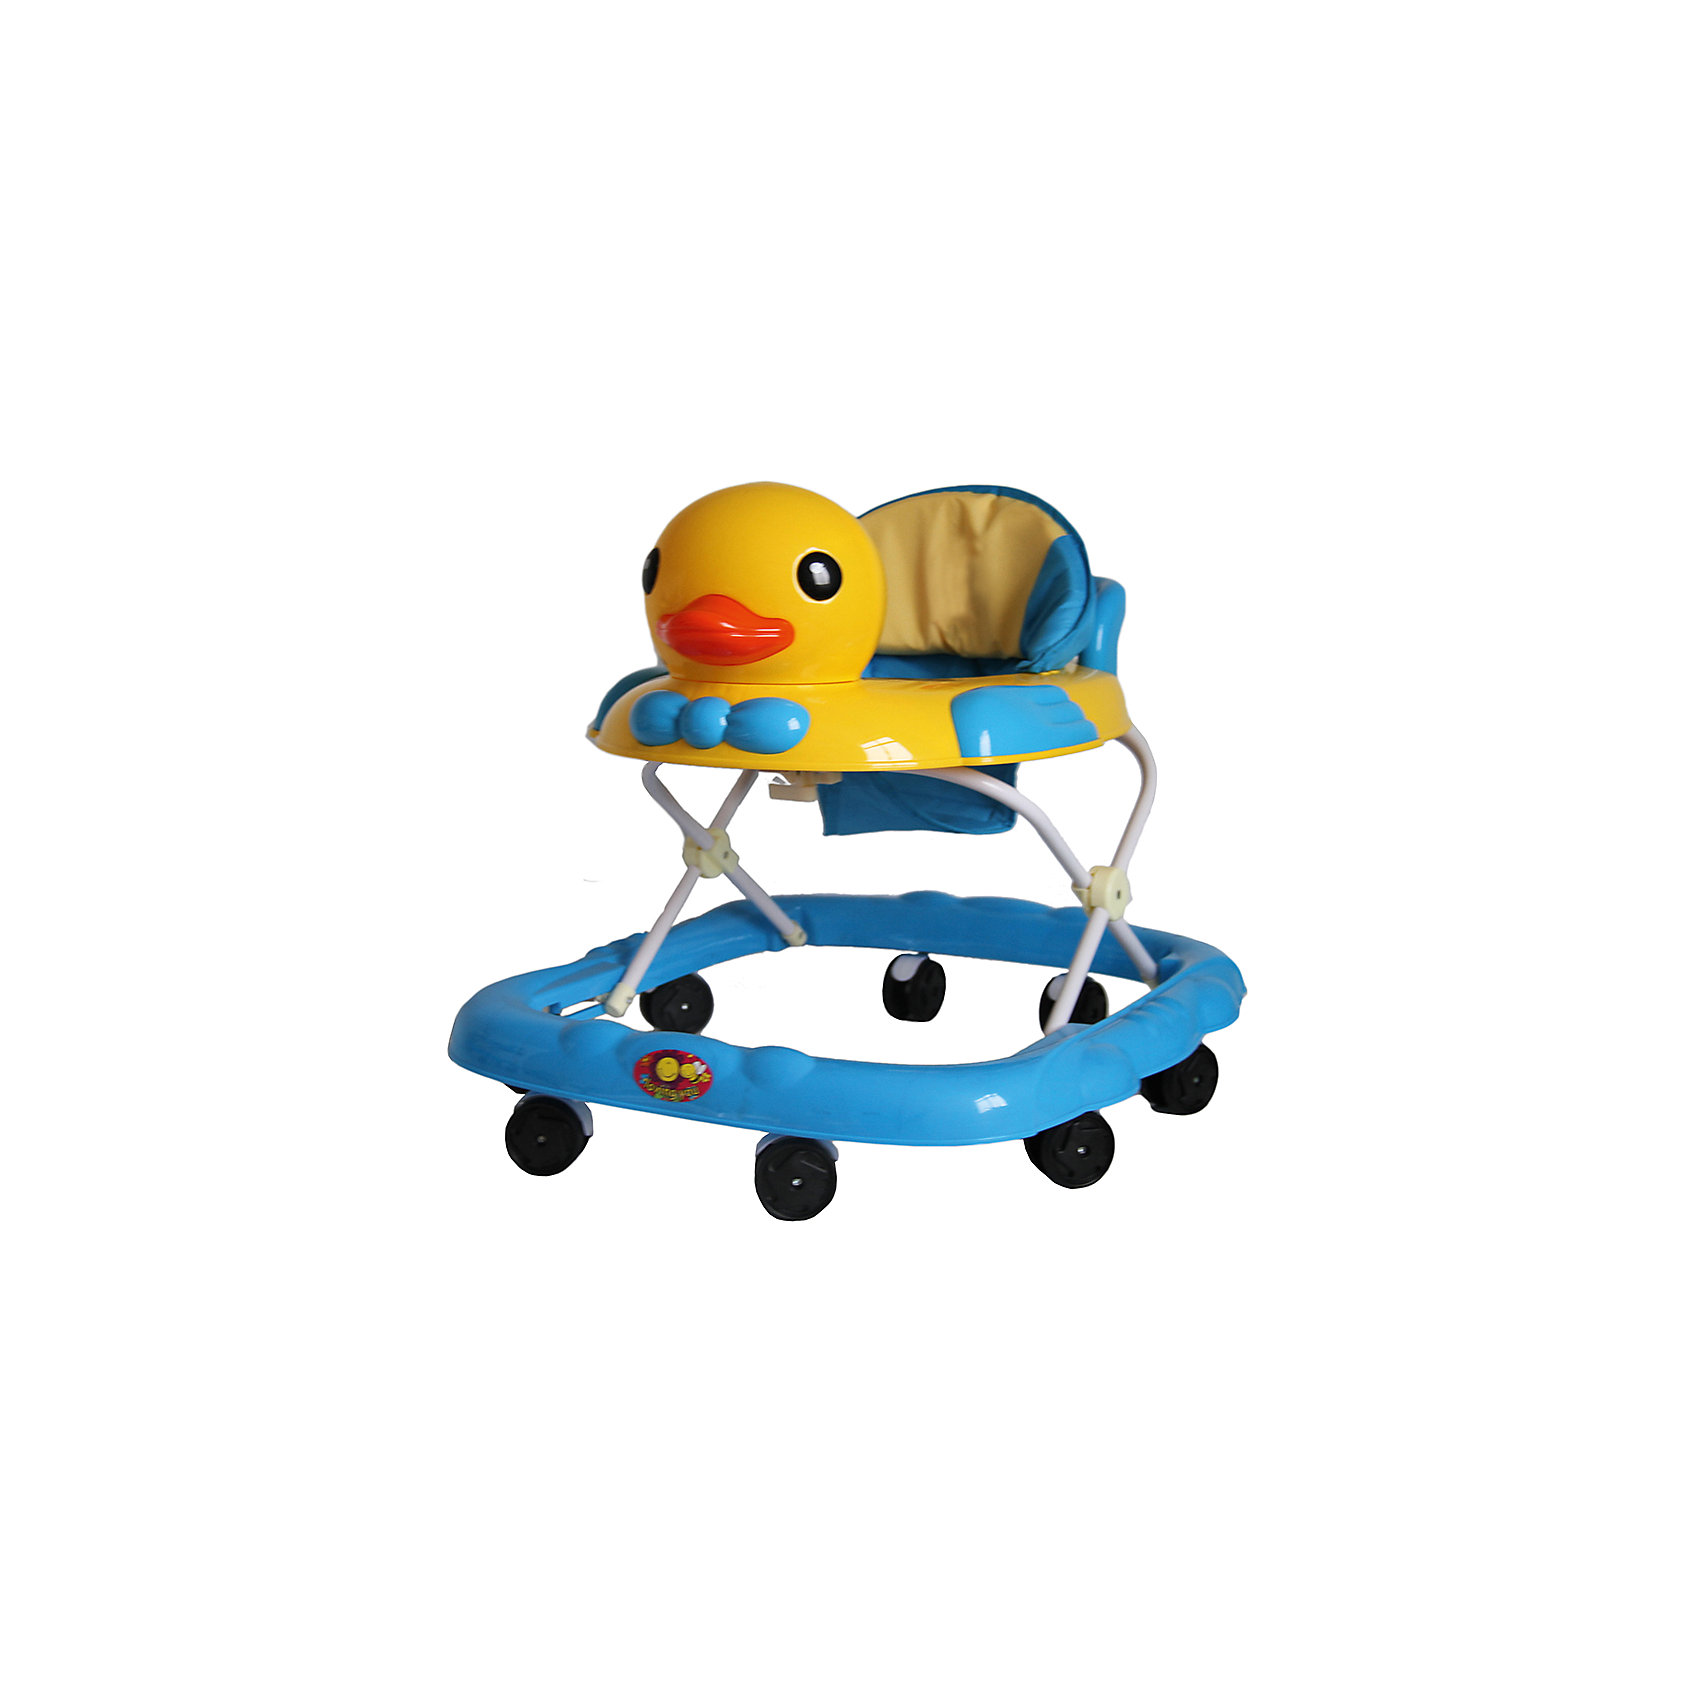 Ходунки Утка, Shine Ring, голубойХодунки<br>Характеристики товара:<br><br>• цвет: голубой<br>• возраст: от 6 мес.<br>• 8 поворотных колес<br>• съемная игровая панель<br>• музыкальное сопровождение<br>• мягкое сиденье<br>• 3 положения высоты<br>• 2 батарейки типа (AA) (в комплект не входит)<br>• размеры: 71x63x55см<br>• вес: 3,4кг<br>• страна производства: Китай<br><br>Ходунки Shine Ring - это отличное приобретение, которое поможет вашему малышу сделать свои первые шаги. <br><br>Большое количество поворотных колес прекрасно распределят вес малыша. <br><br>Широкое основание придает отличную устойчивость, что обезопасит вашего ребенка. <br><br>Съемная игровая панель сможет развить мелкую моторику. <br><br>Приятное мягкое сидение прочно крепится к раме и не будет доставлять дискомфорт во время использования.<br><br>Ходунки Утка, Shine Ring можно купить в нашем интернет-магазине.<br><br>Ширина мм: 670<br>Глубина мм: 600<br>Высота мм: 510<br>Вес г: 3710<br>Возраст от месяцев: 6<br>Возраст до месяцев: 12<br>Пол: Унисекс<br>Возраст: Детский<br>SKU: 5559207